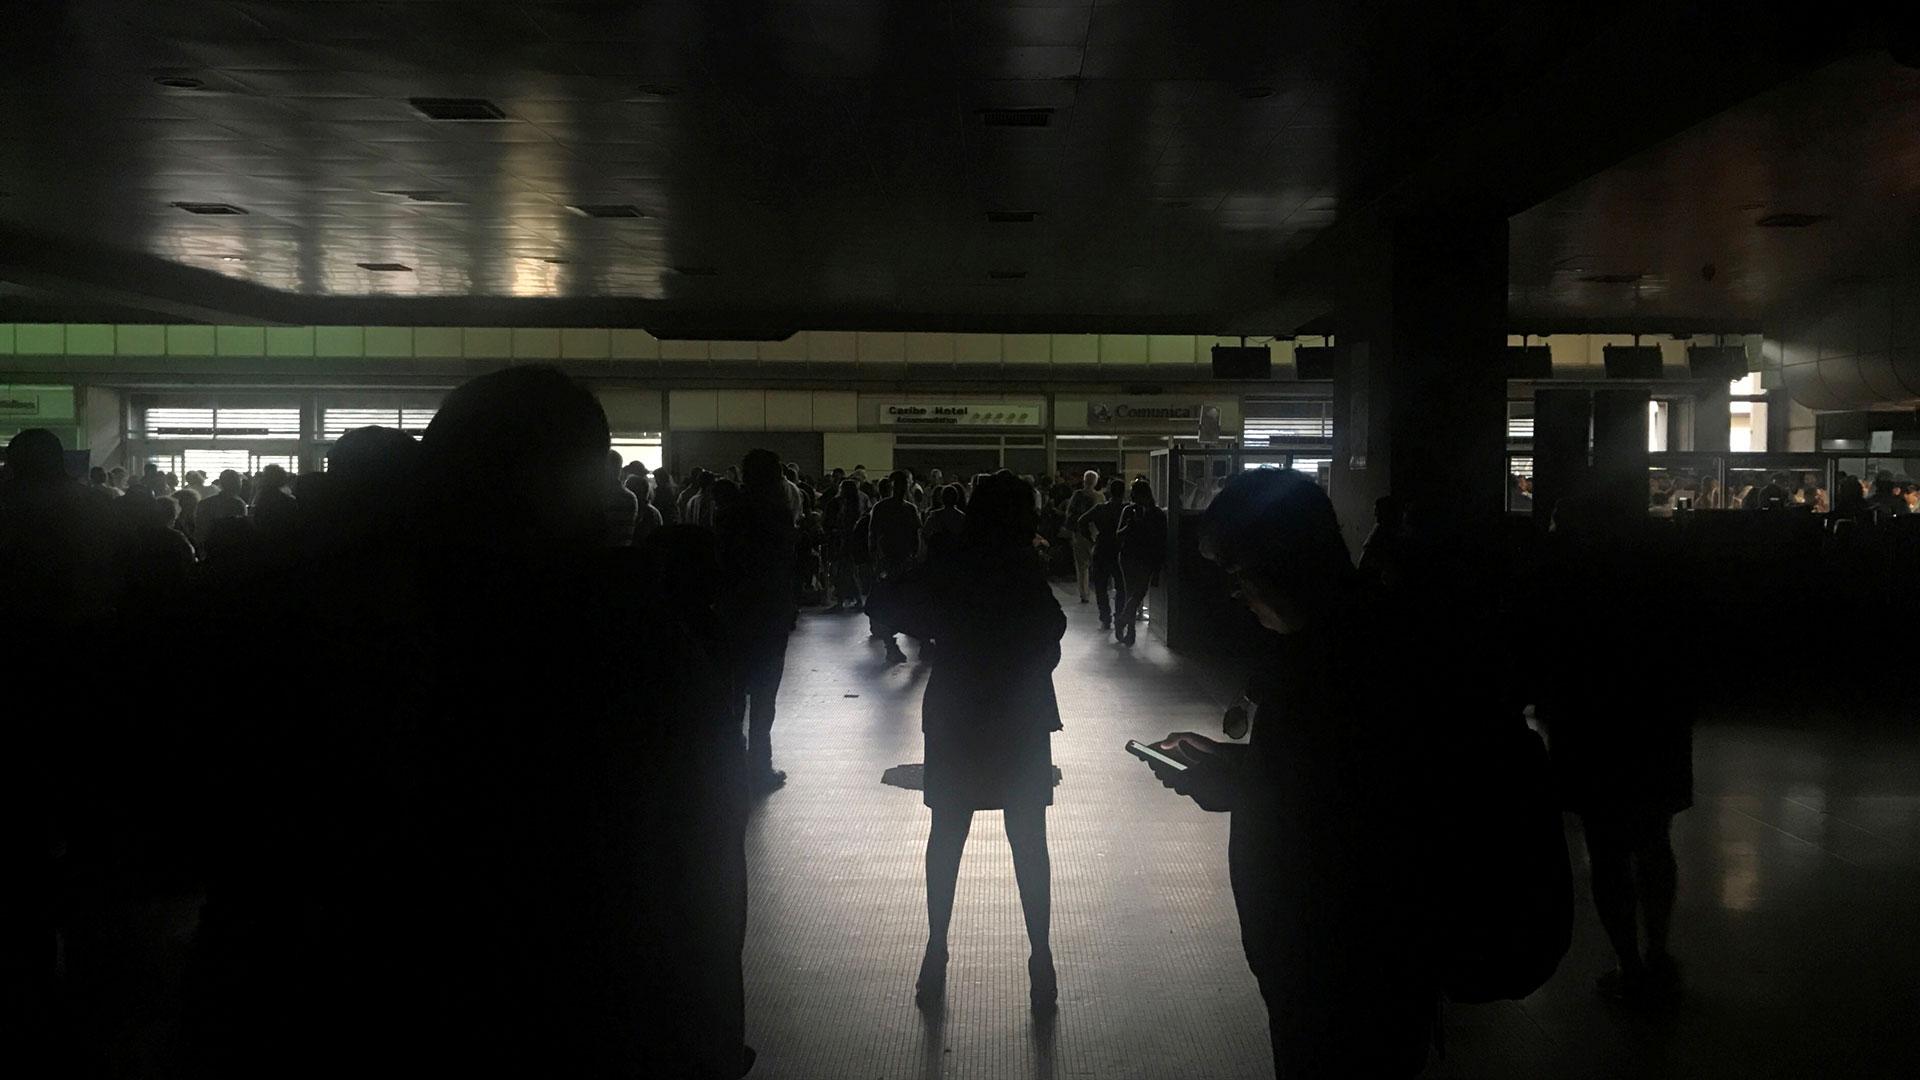 Pasajeros durante un apagón en el aeropuerto internacional Simón Bolívar en Caracas, Venezuela el 25 de marzo de 2019. (Reuters)